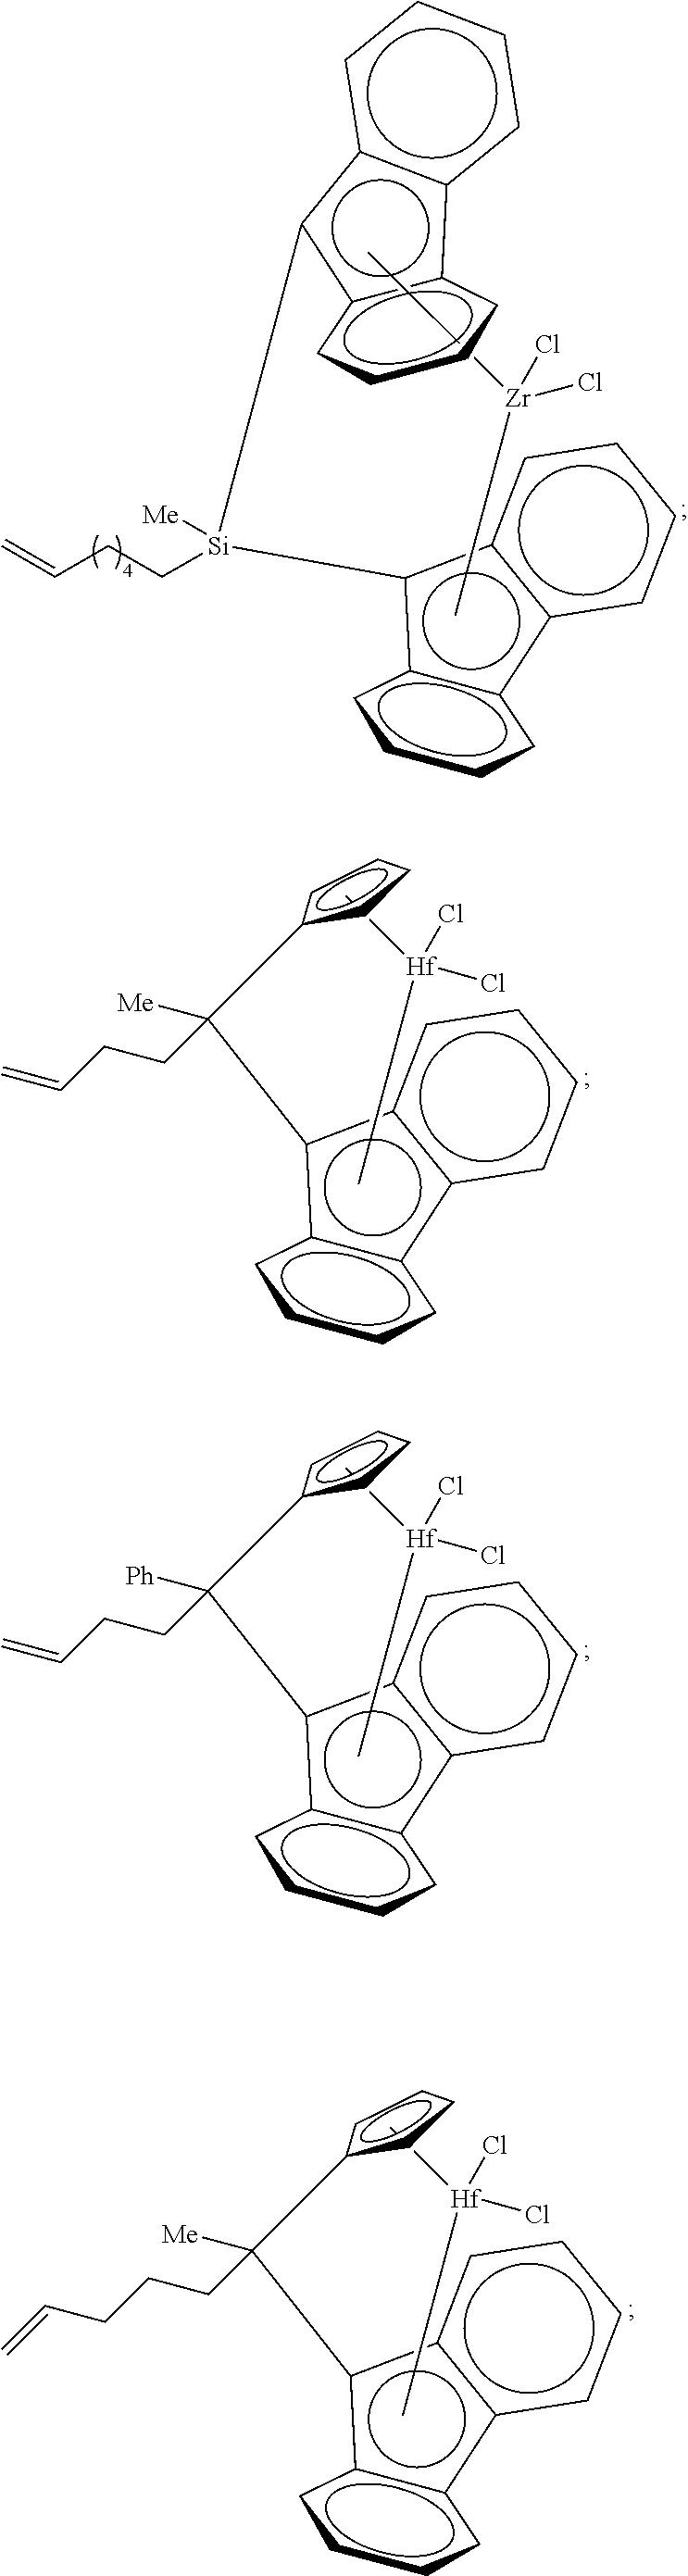 Figure US07884163-20110208-C00010